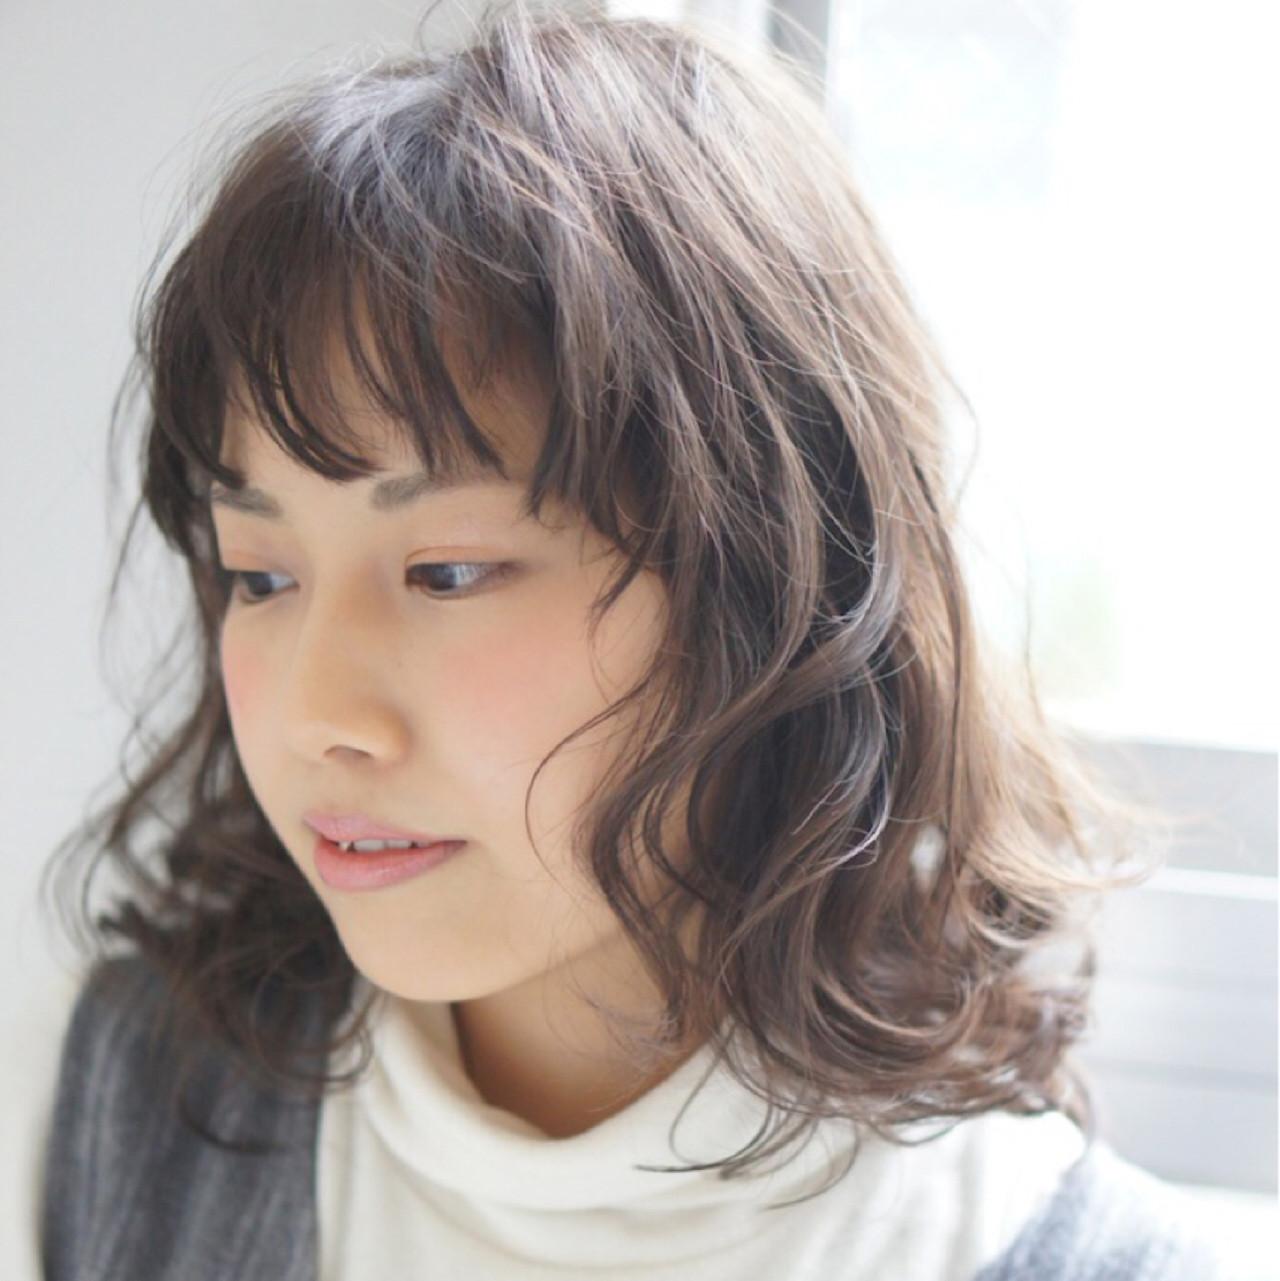 スタイリング剤でパーマを100倍楽しもう!使い方と選ぶコツをご紹介 Yamaguchi Yasuhiro